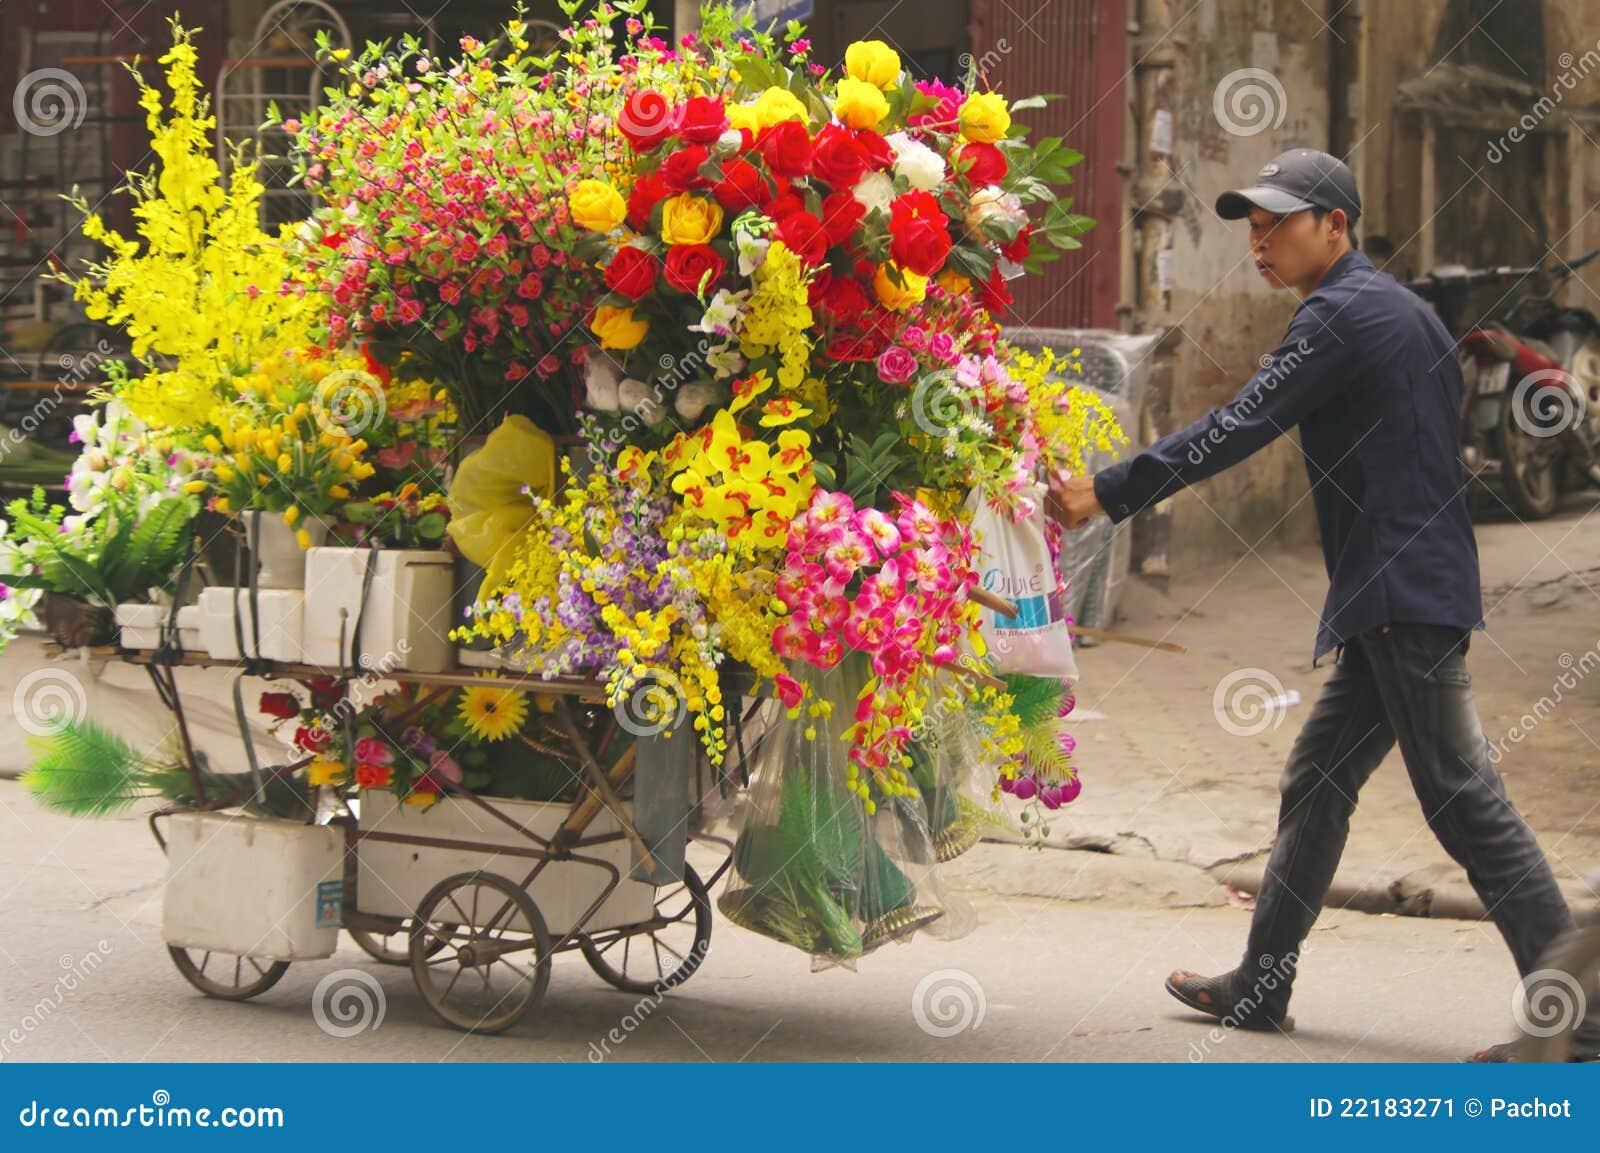 Top Vendeur Des Fleurs Artificielles Photo éditorial - Image: 22183271 GD34